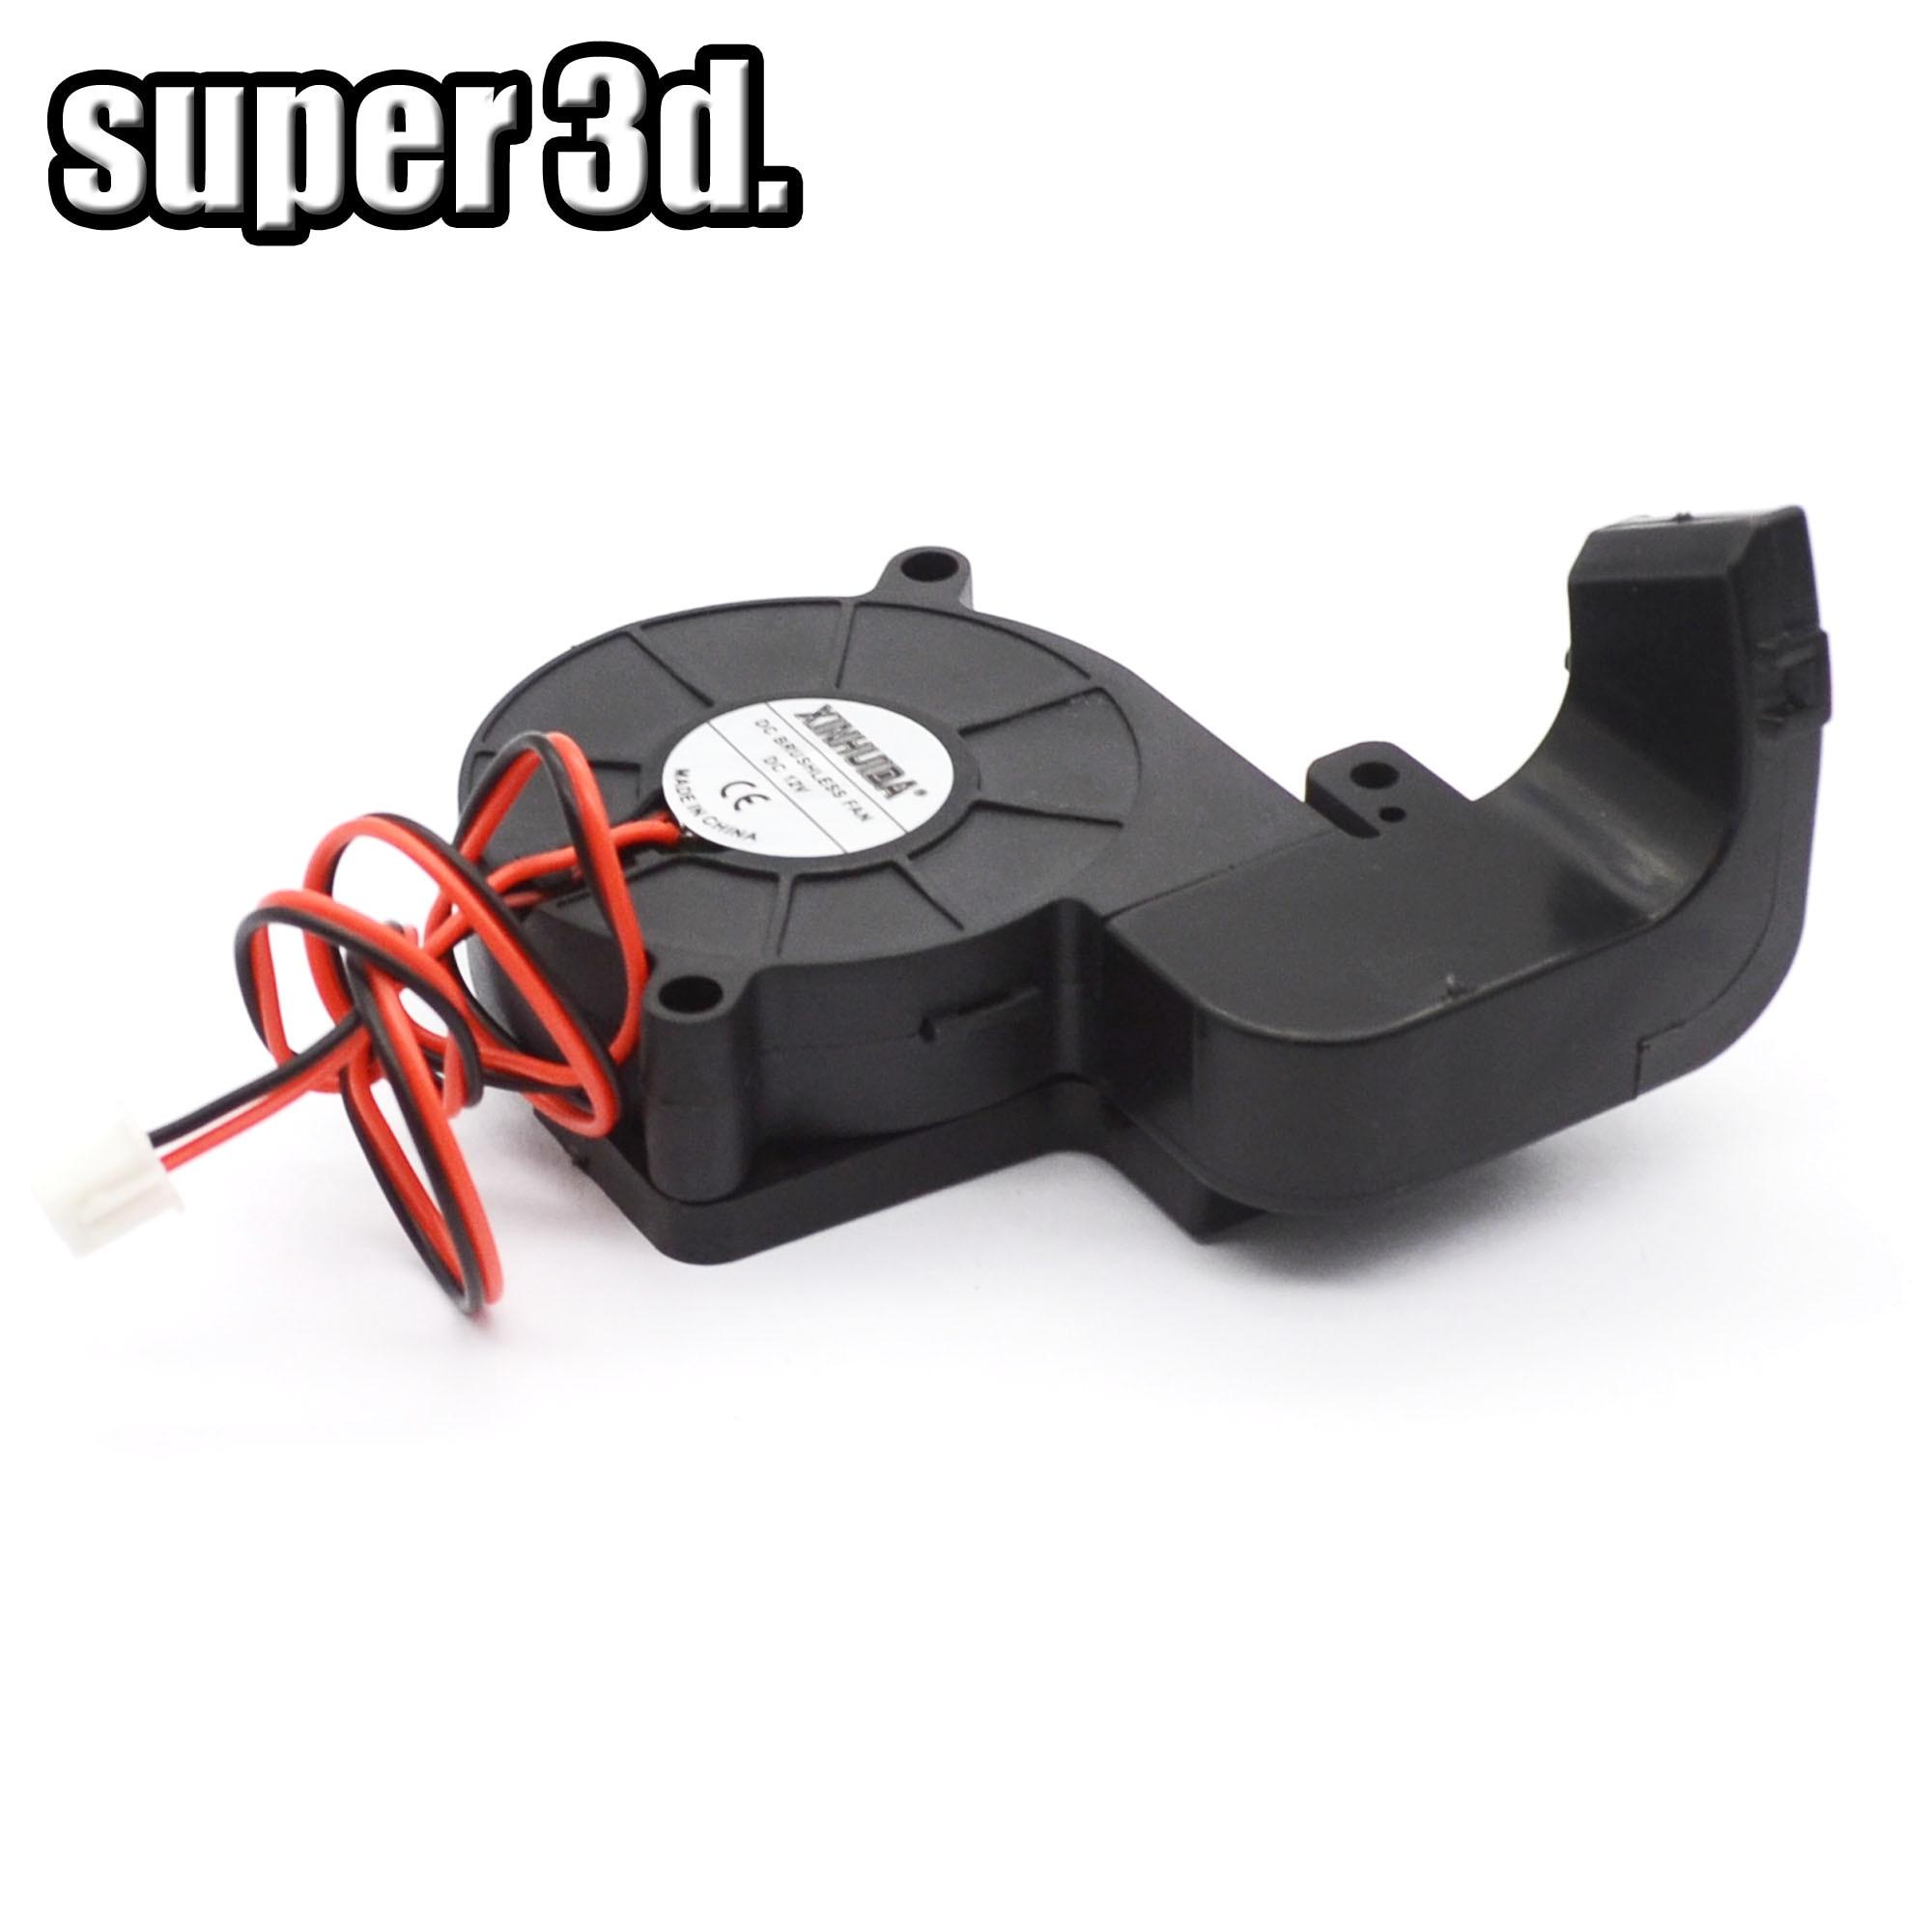 1 takım 5015 12 V/24 V fan turbo fan hava kılavuz kanalı montaj braketi seti ile 2pin kablo için 3D yazıcı MK10 parçaları